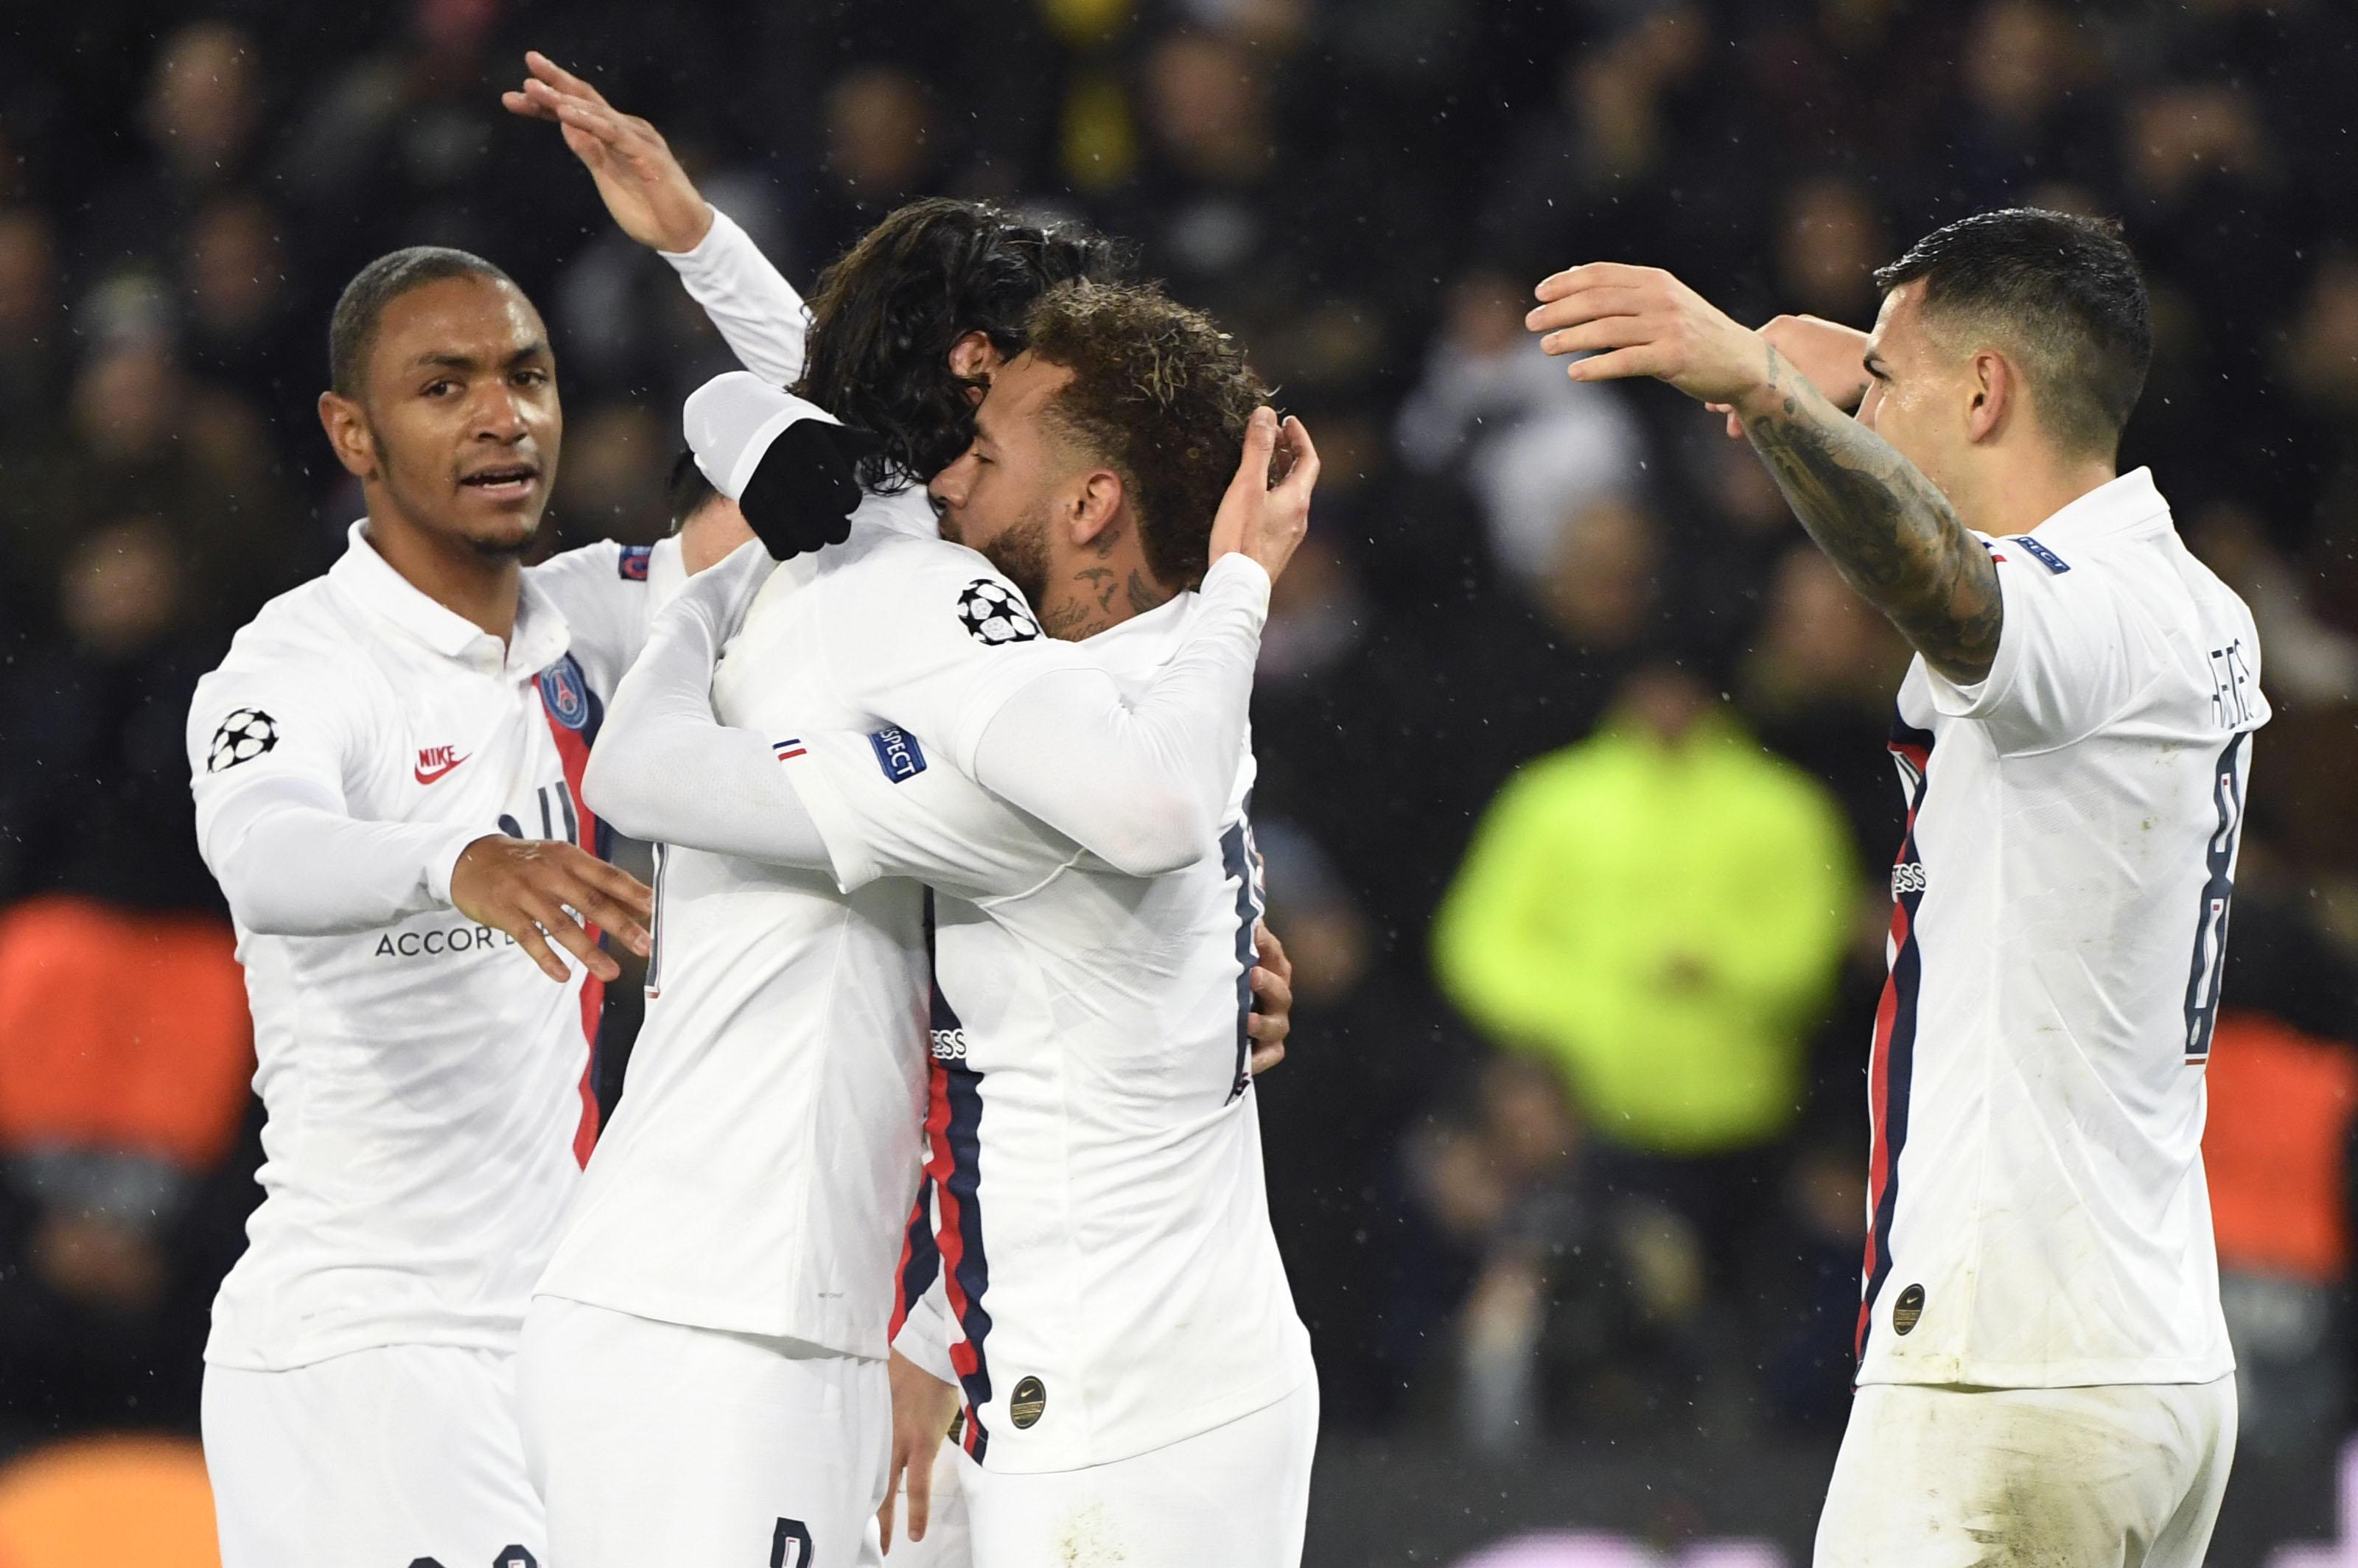 PSG-Galatasaray - Quand Neymar offre le penalty à Edinson Cavani... Quel geste !